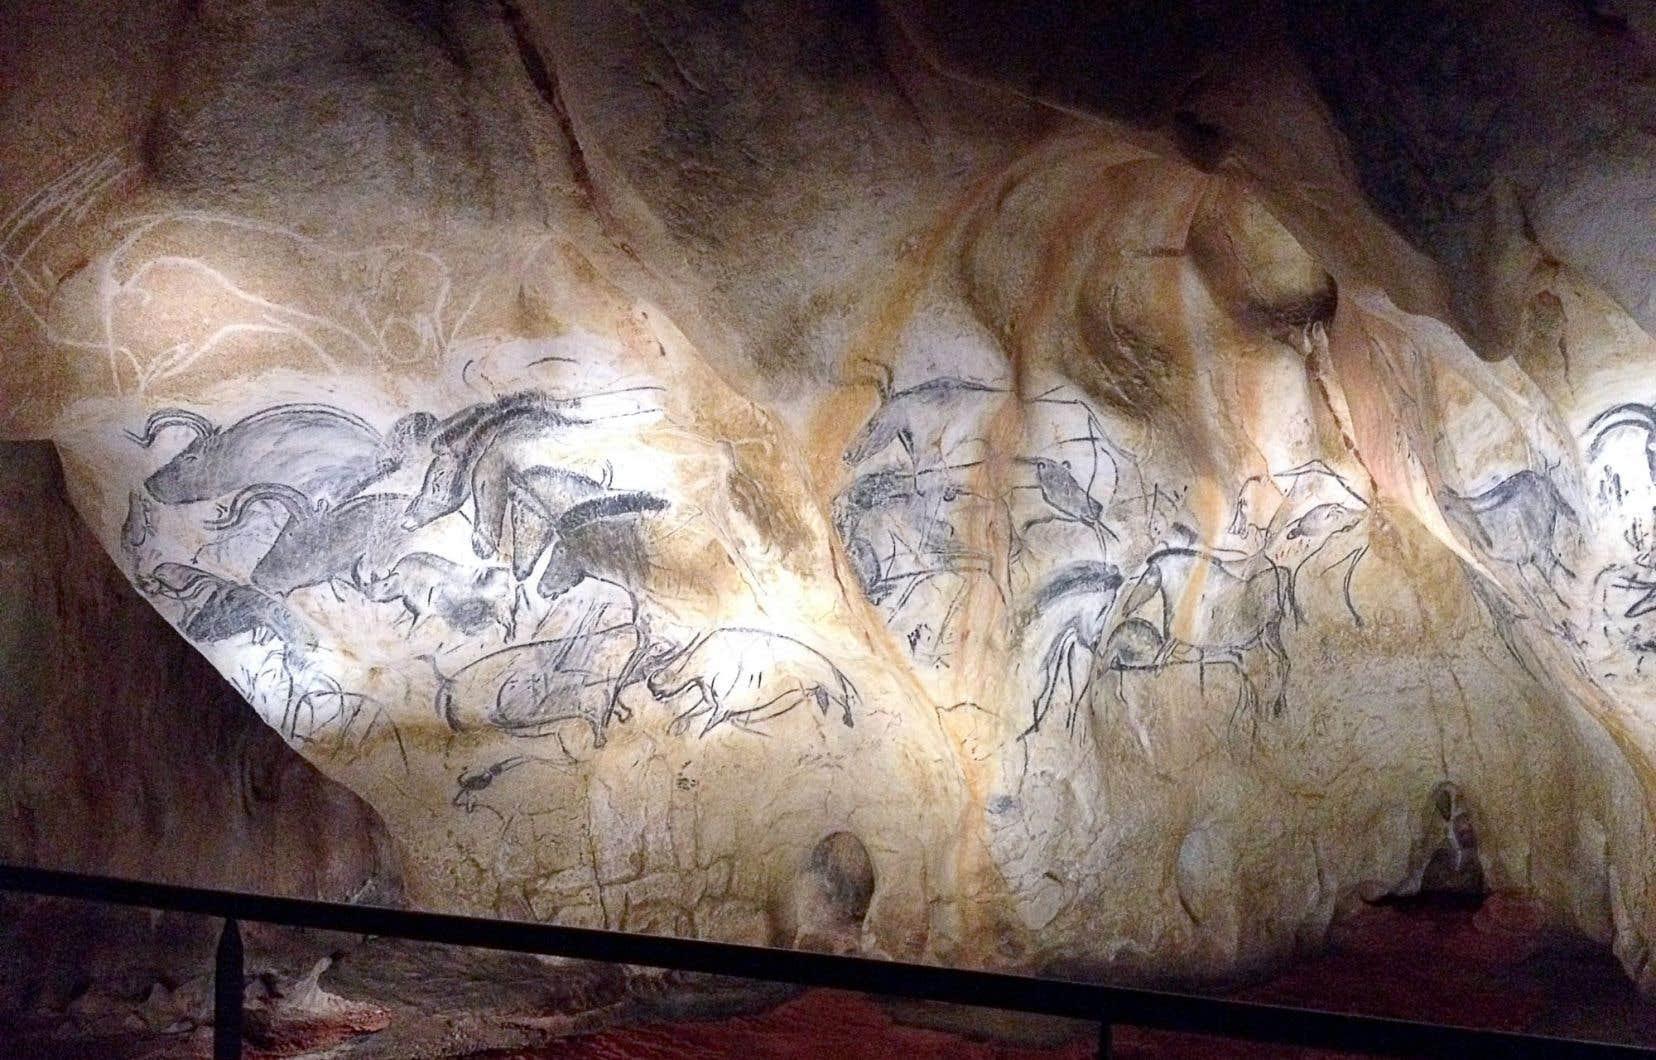 Les experts pensent que les Aurignaciens vouaient une sorte de vénération aux animaux représentés dans la grotte.